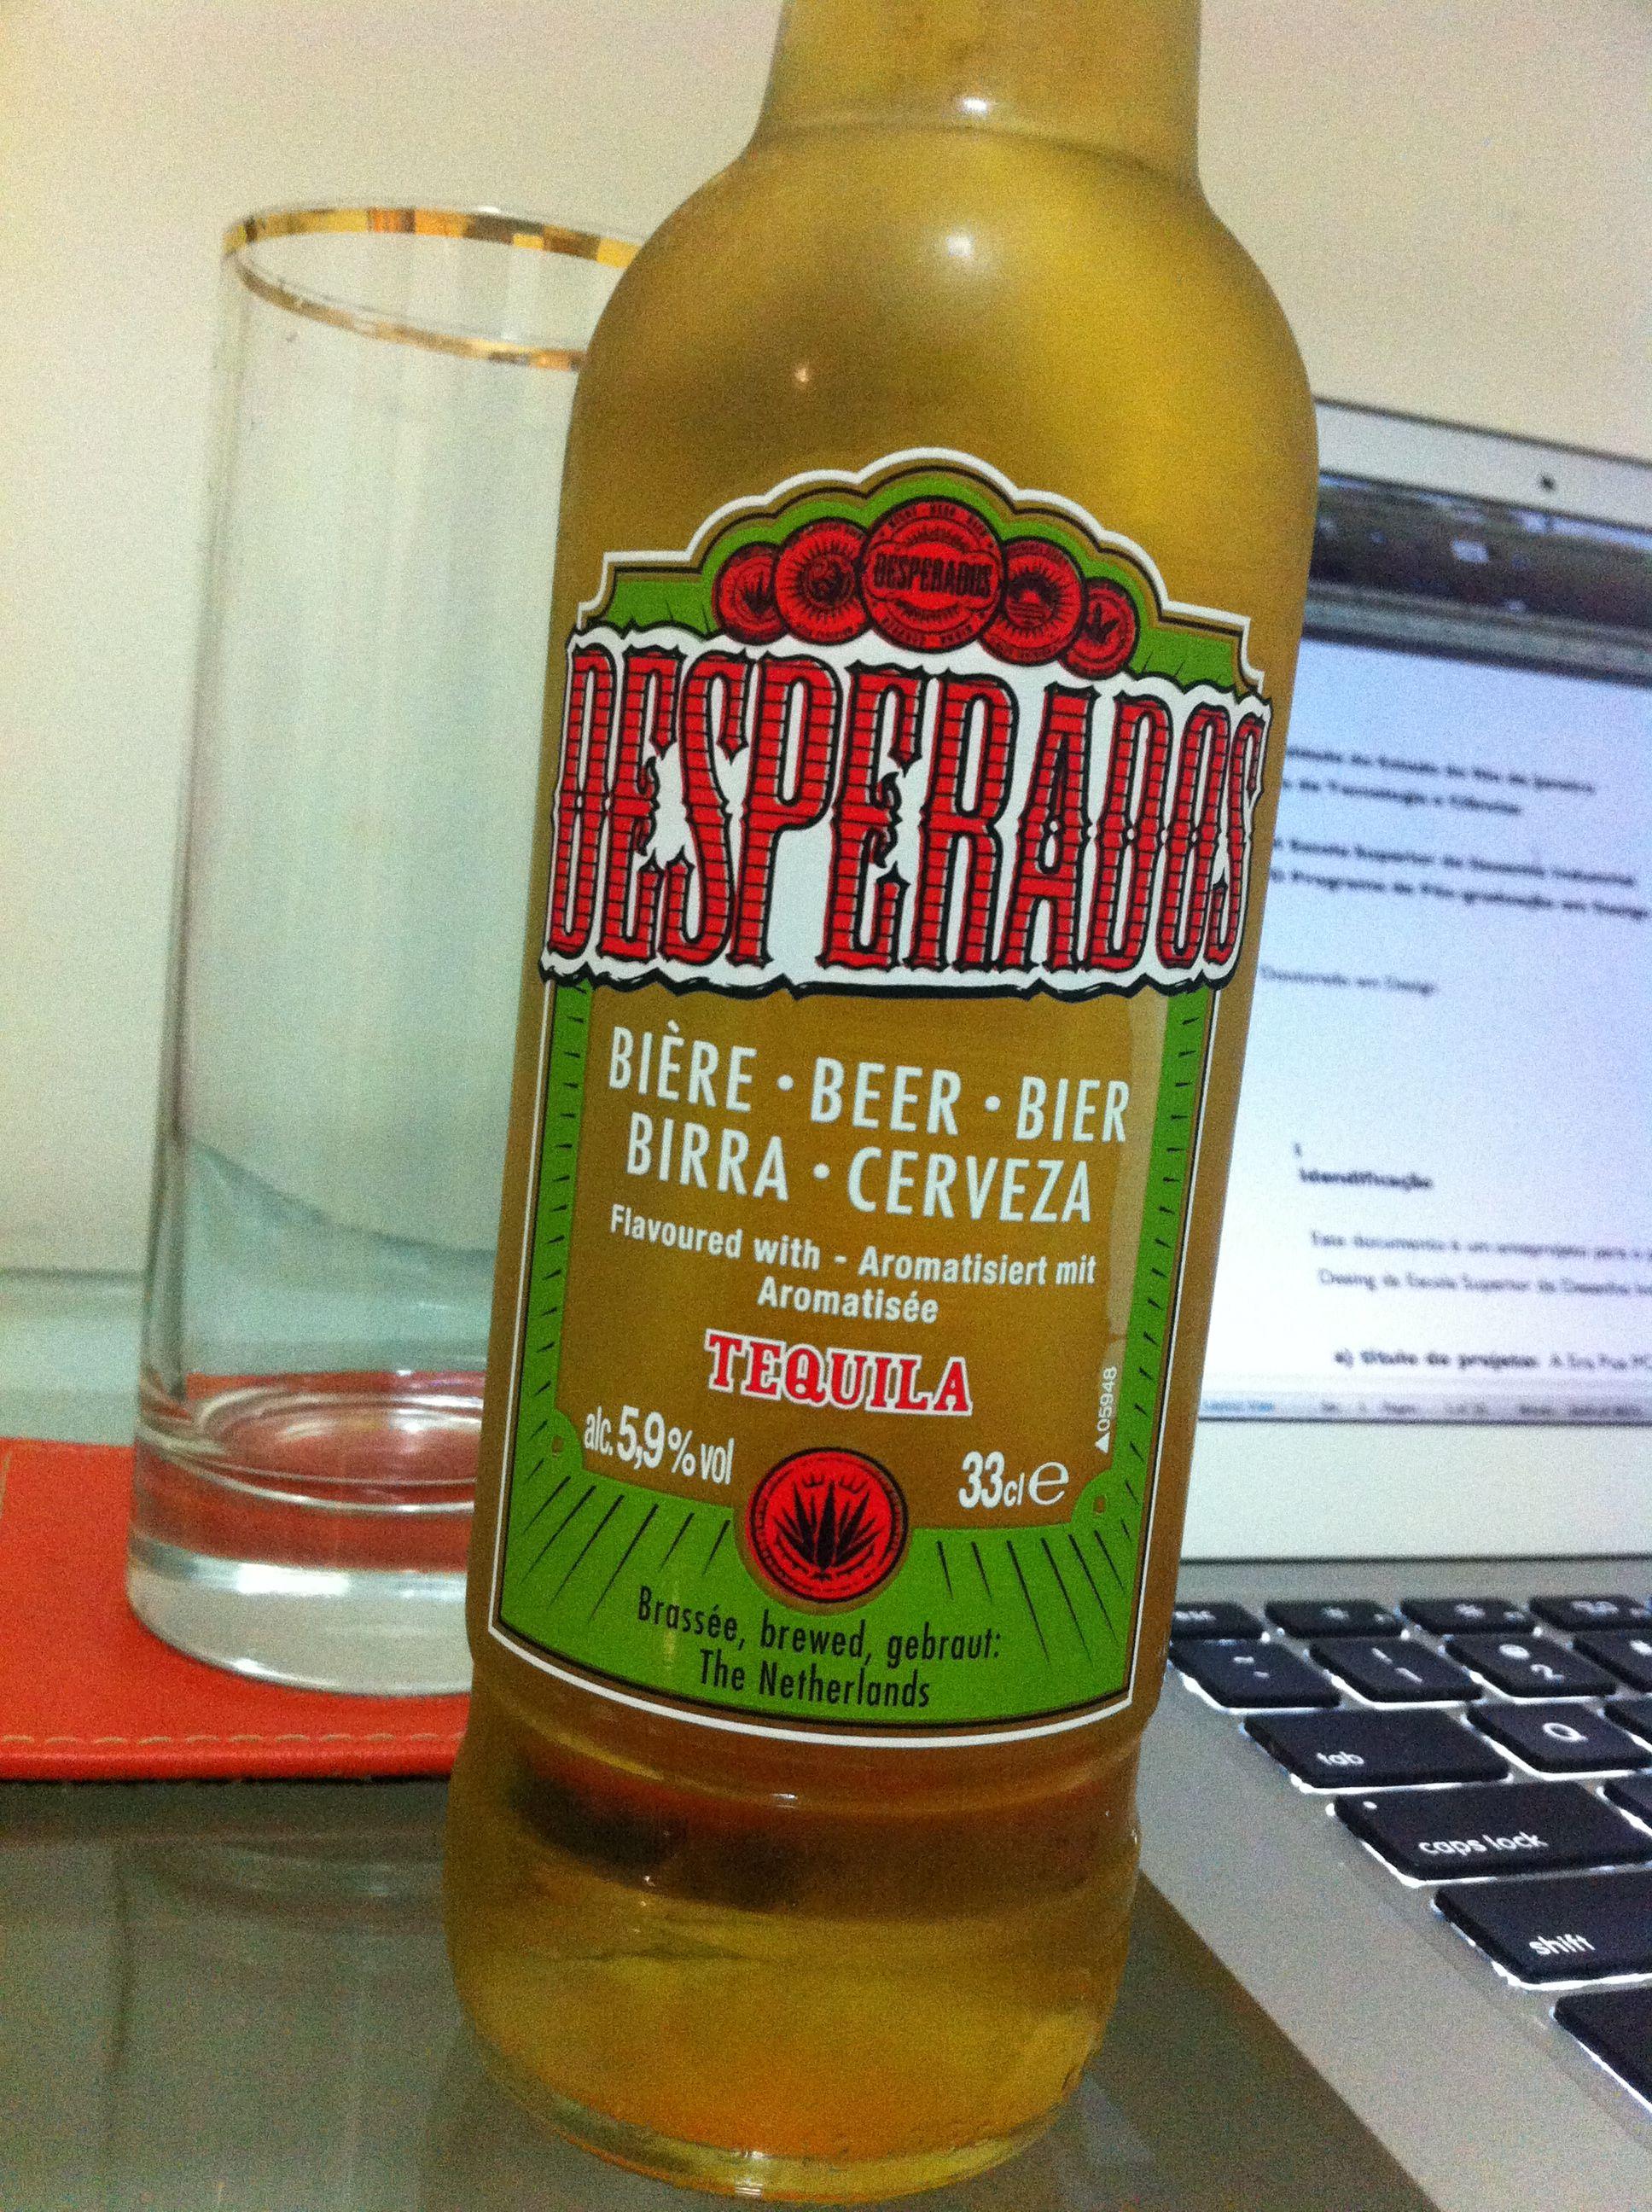 Desperados Com Um Forte Aroma De Tequila Seja La O Q Isso Signifique Beers Of The World Beer Bier